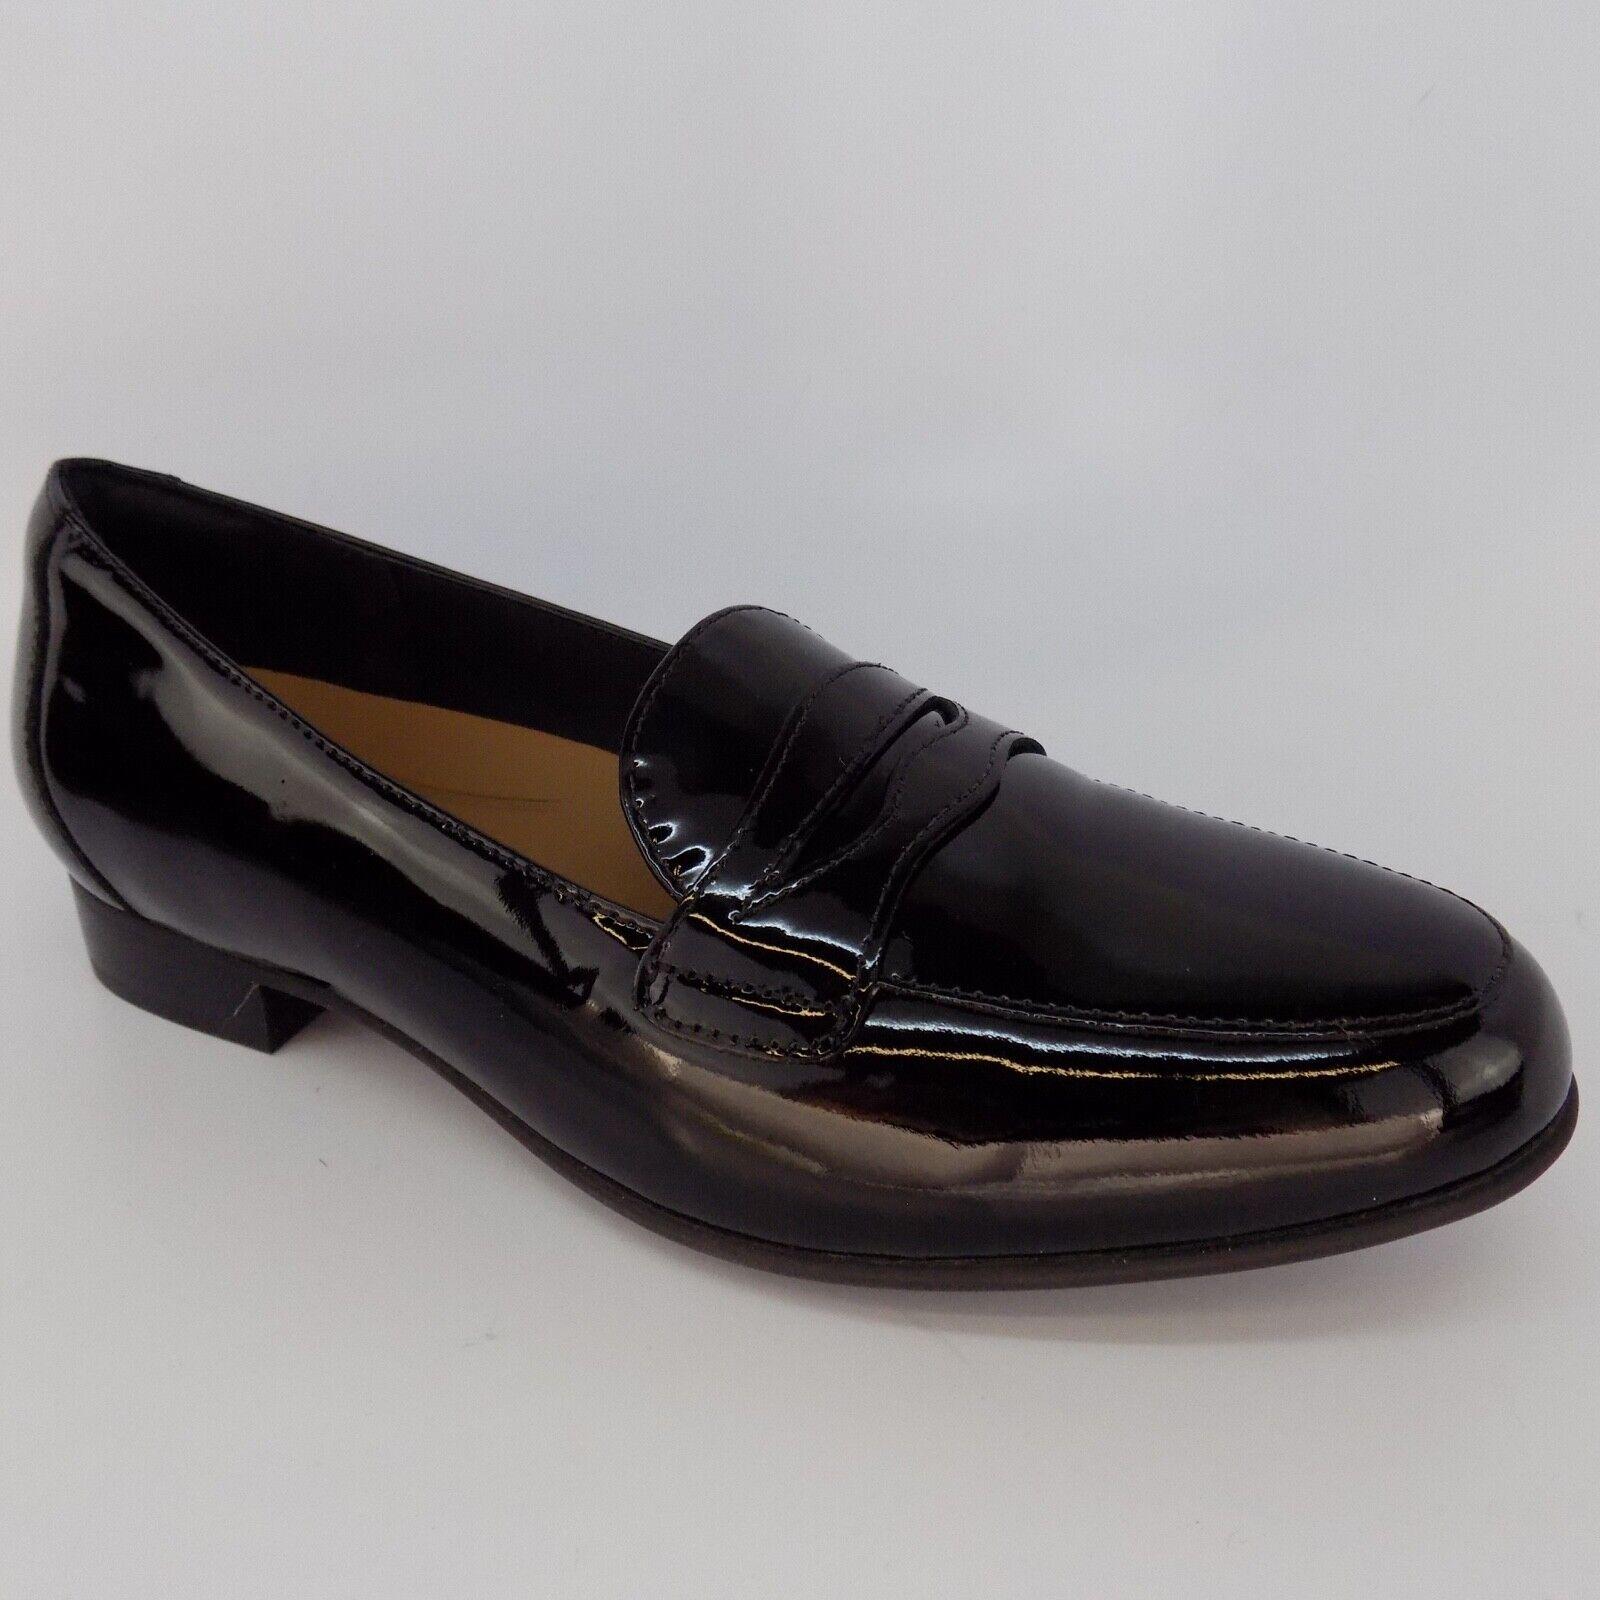 Clarks Unstructurouge bleush Go femmes chaussures Taille 8 M EU 39 AL5442